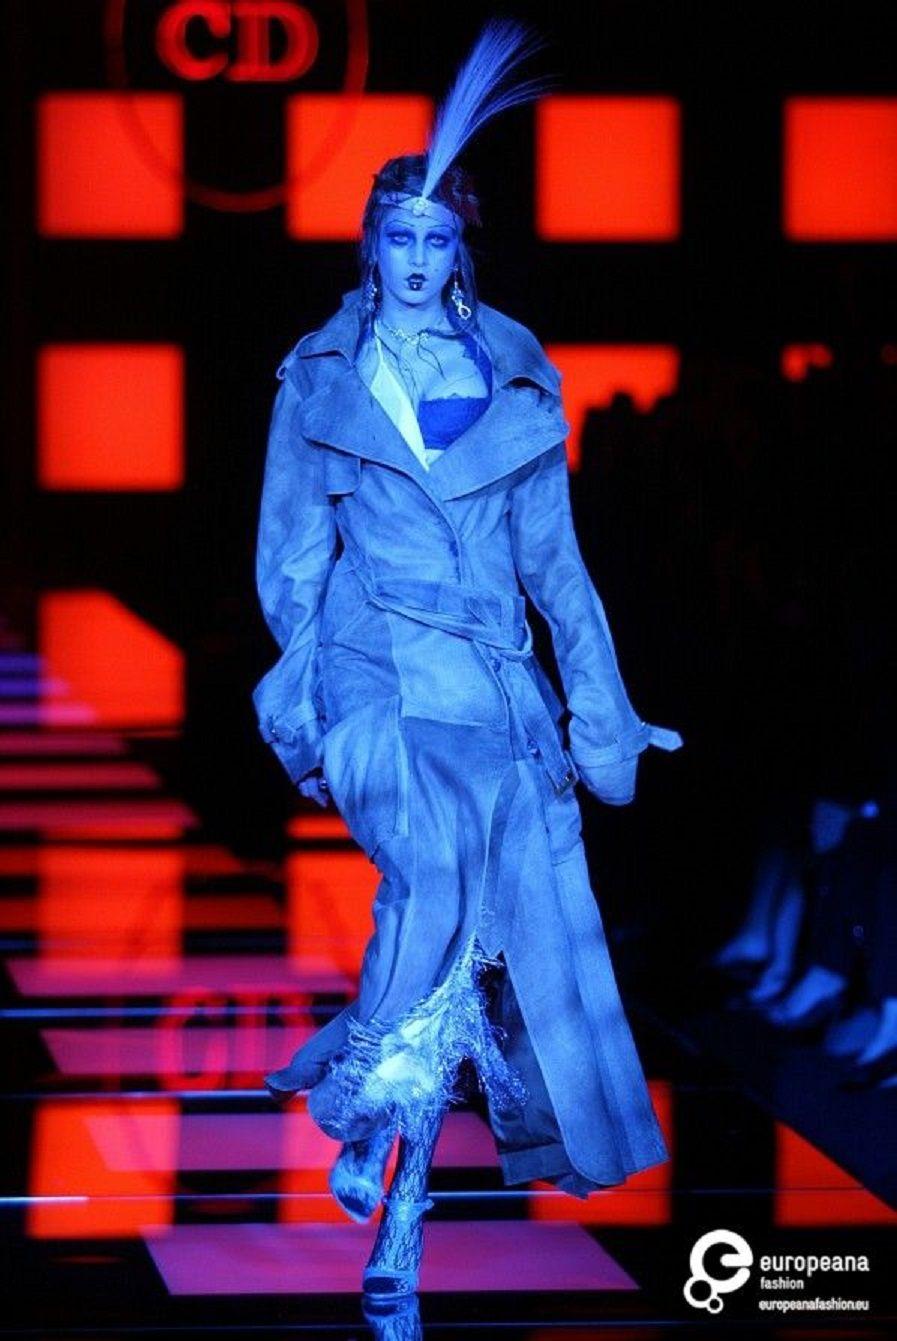 Dior Couture - fall winter 2003 - John Galliano